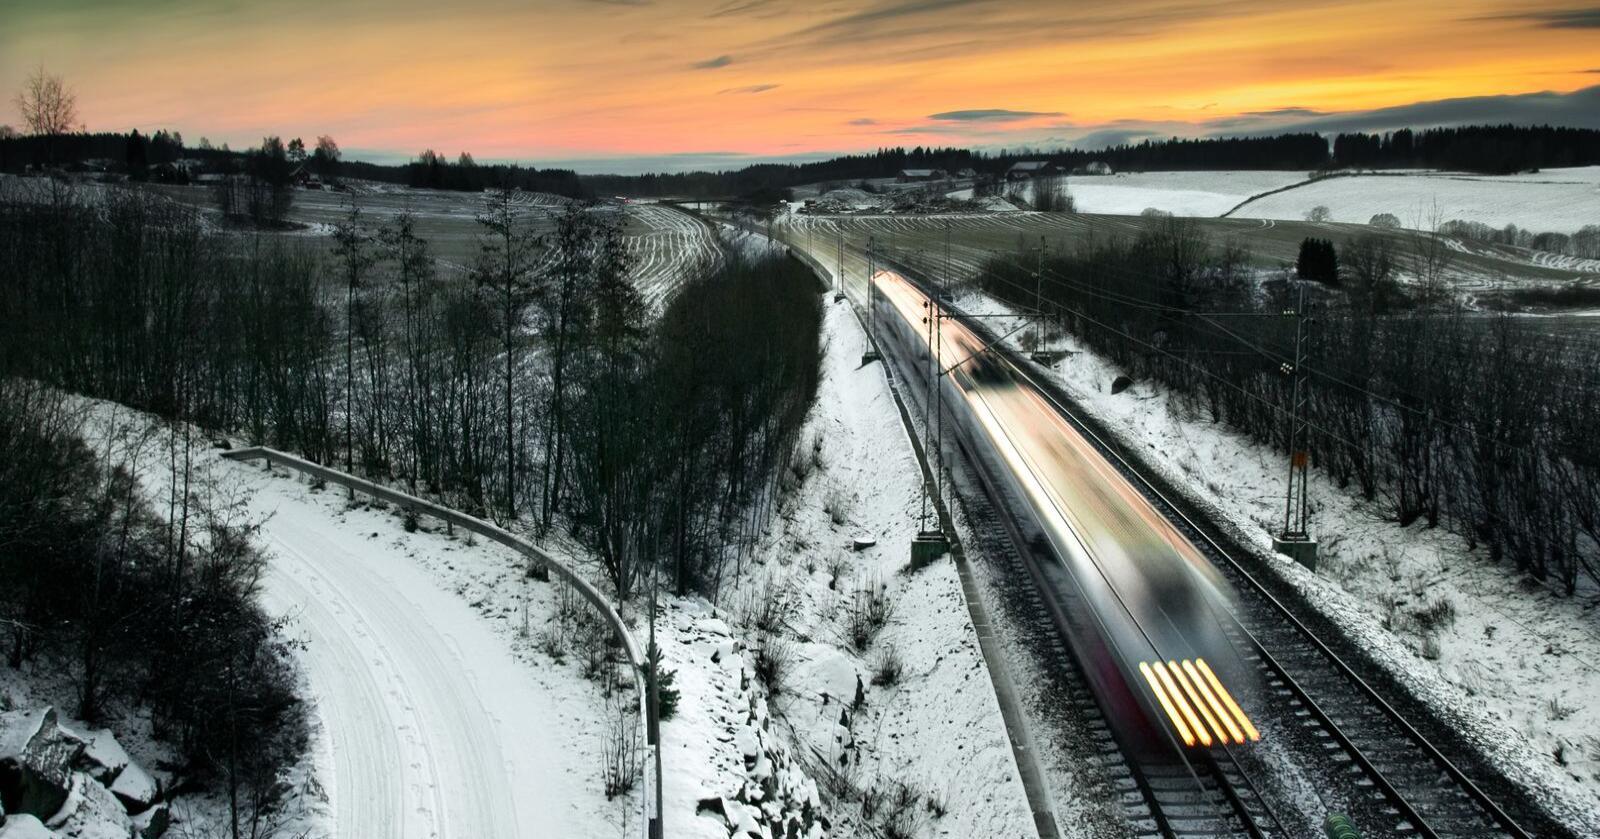 Høyhastighetsbaner vil løfte både byer og distrikt, skriver kronikørene. Foto: Mostphotos